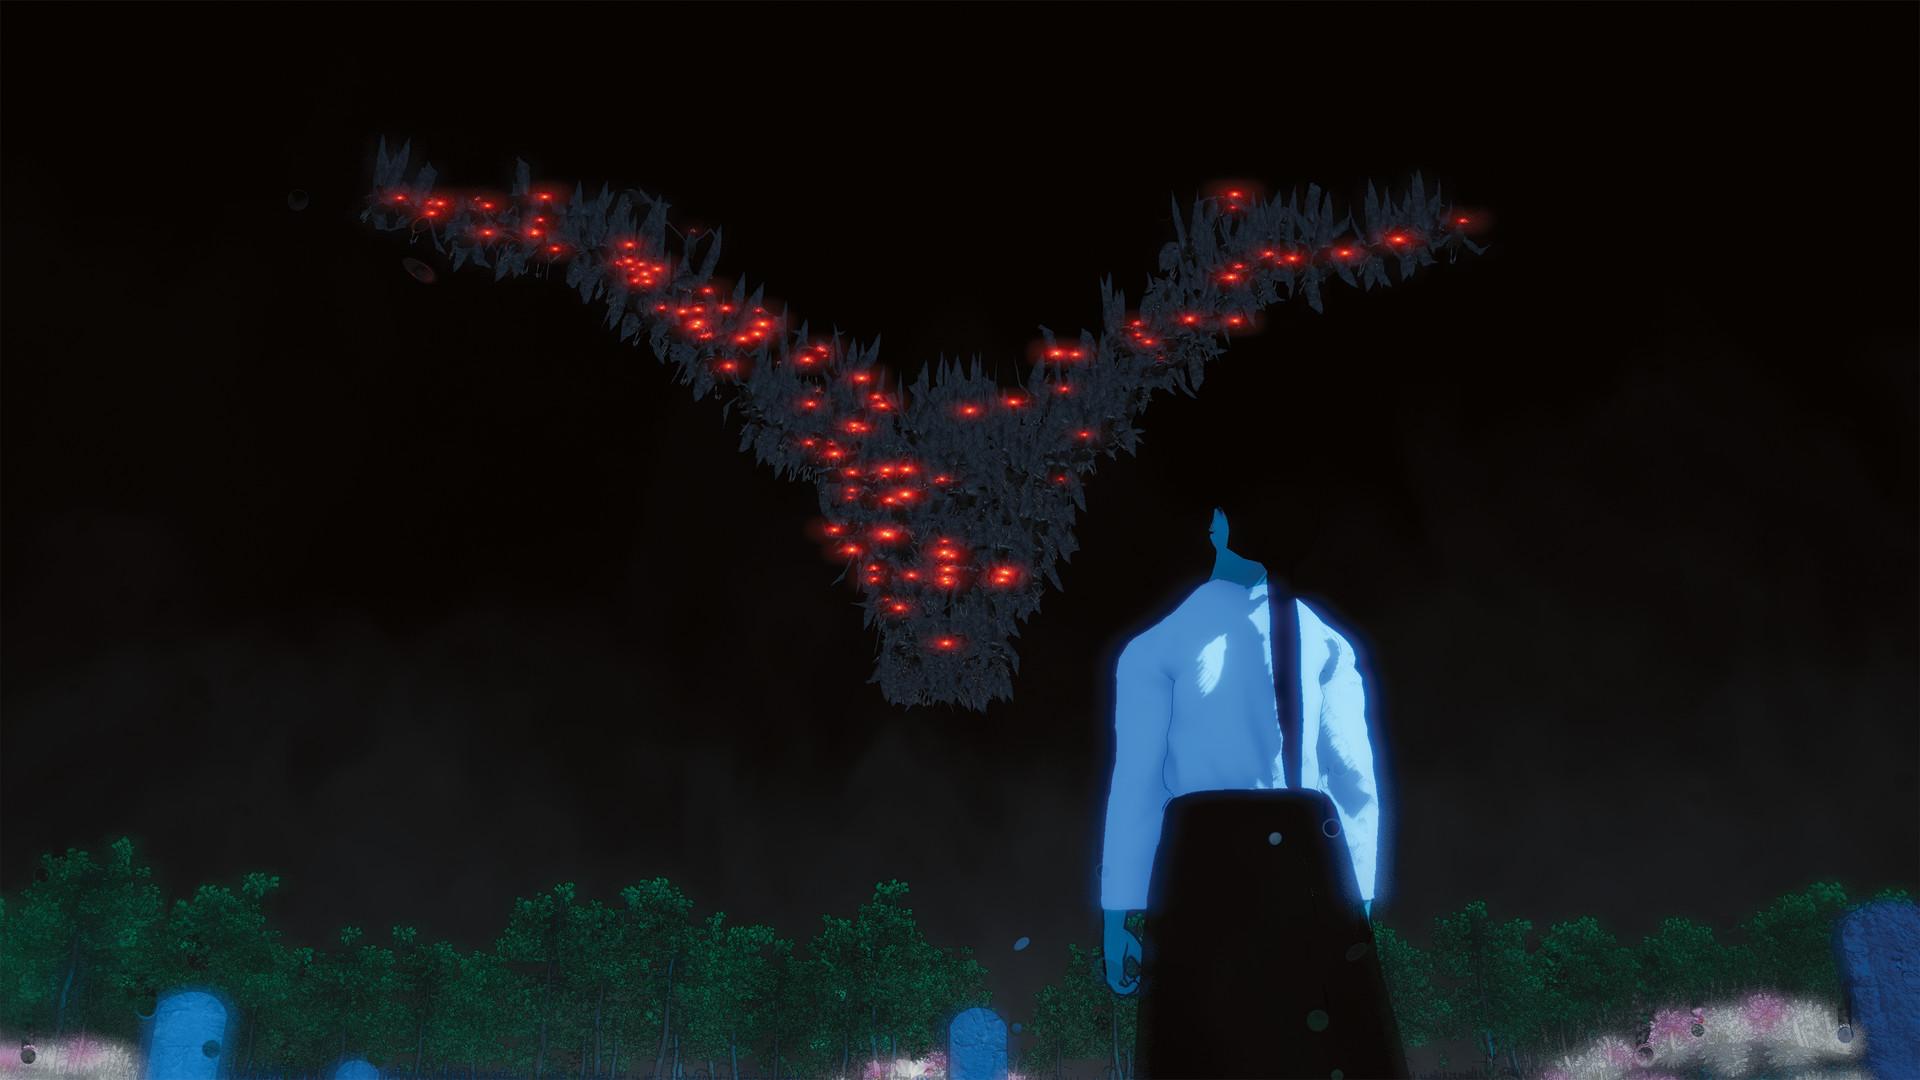 温红:复仇之魂图片